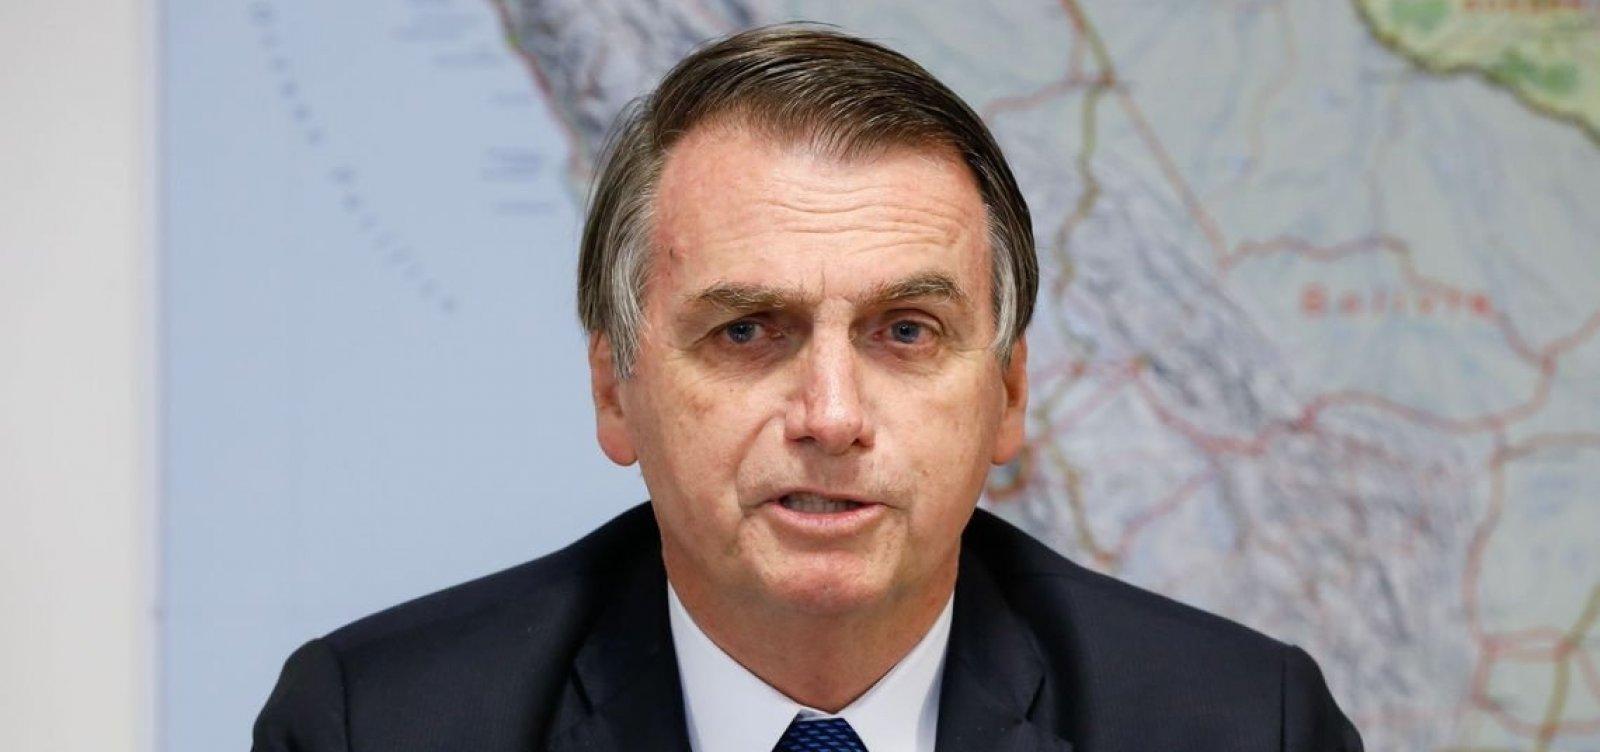 [Deputados de centro analisam possibilidade de derrubar decretos de Bolsonaro]